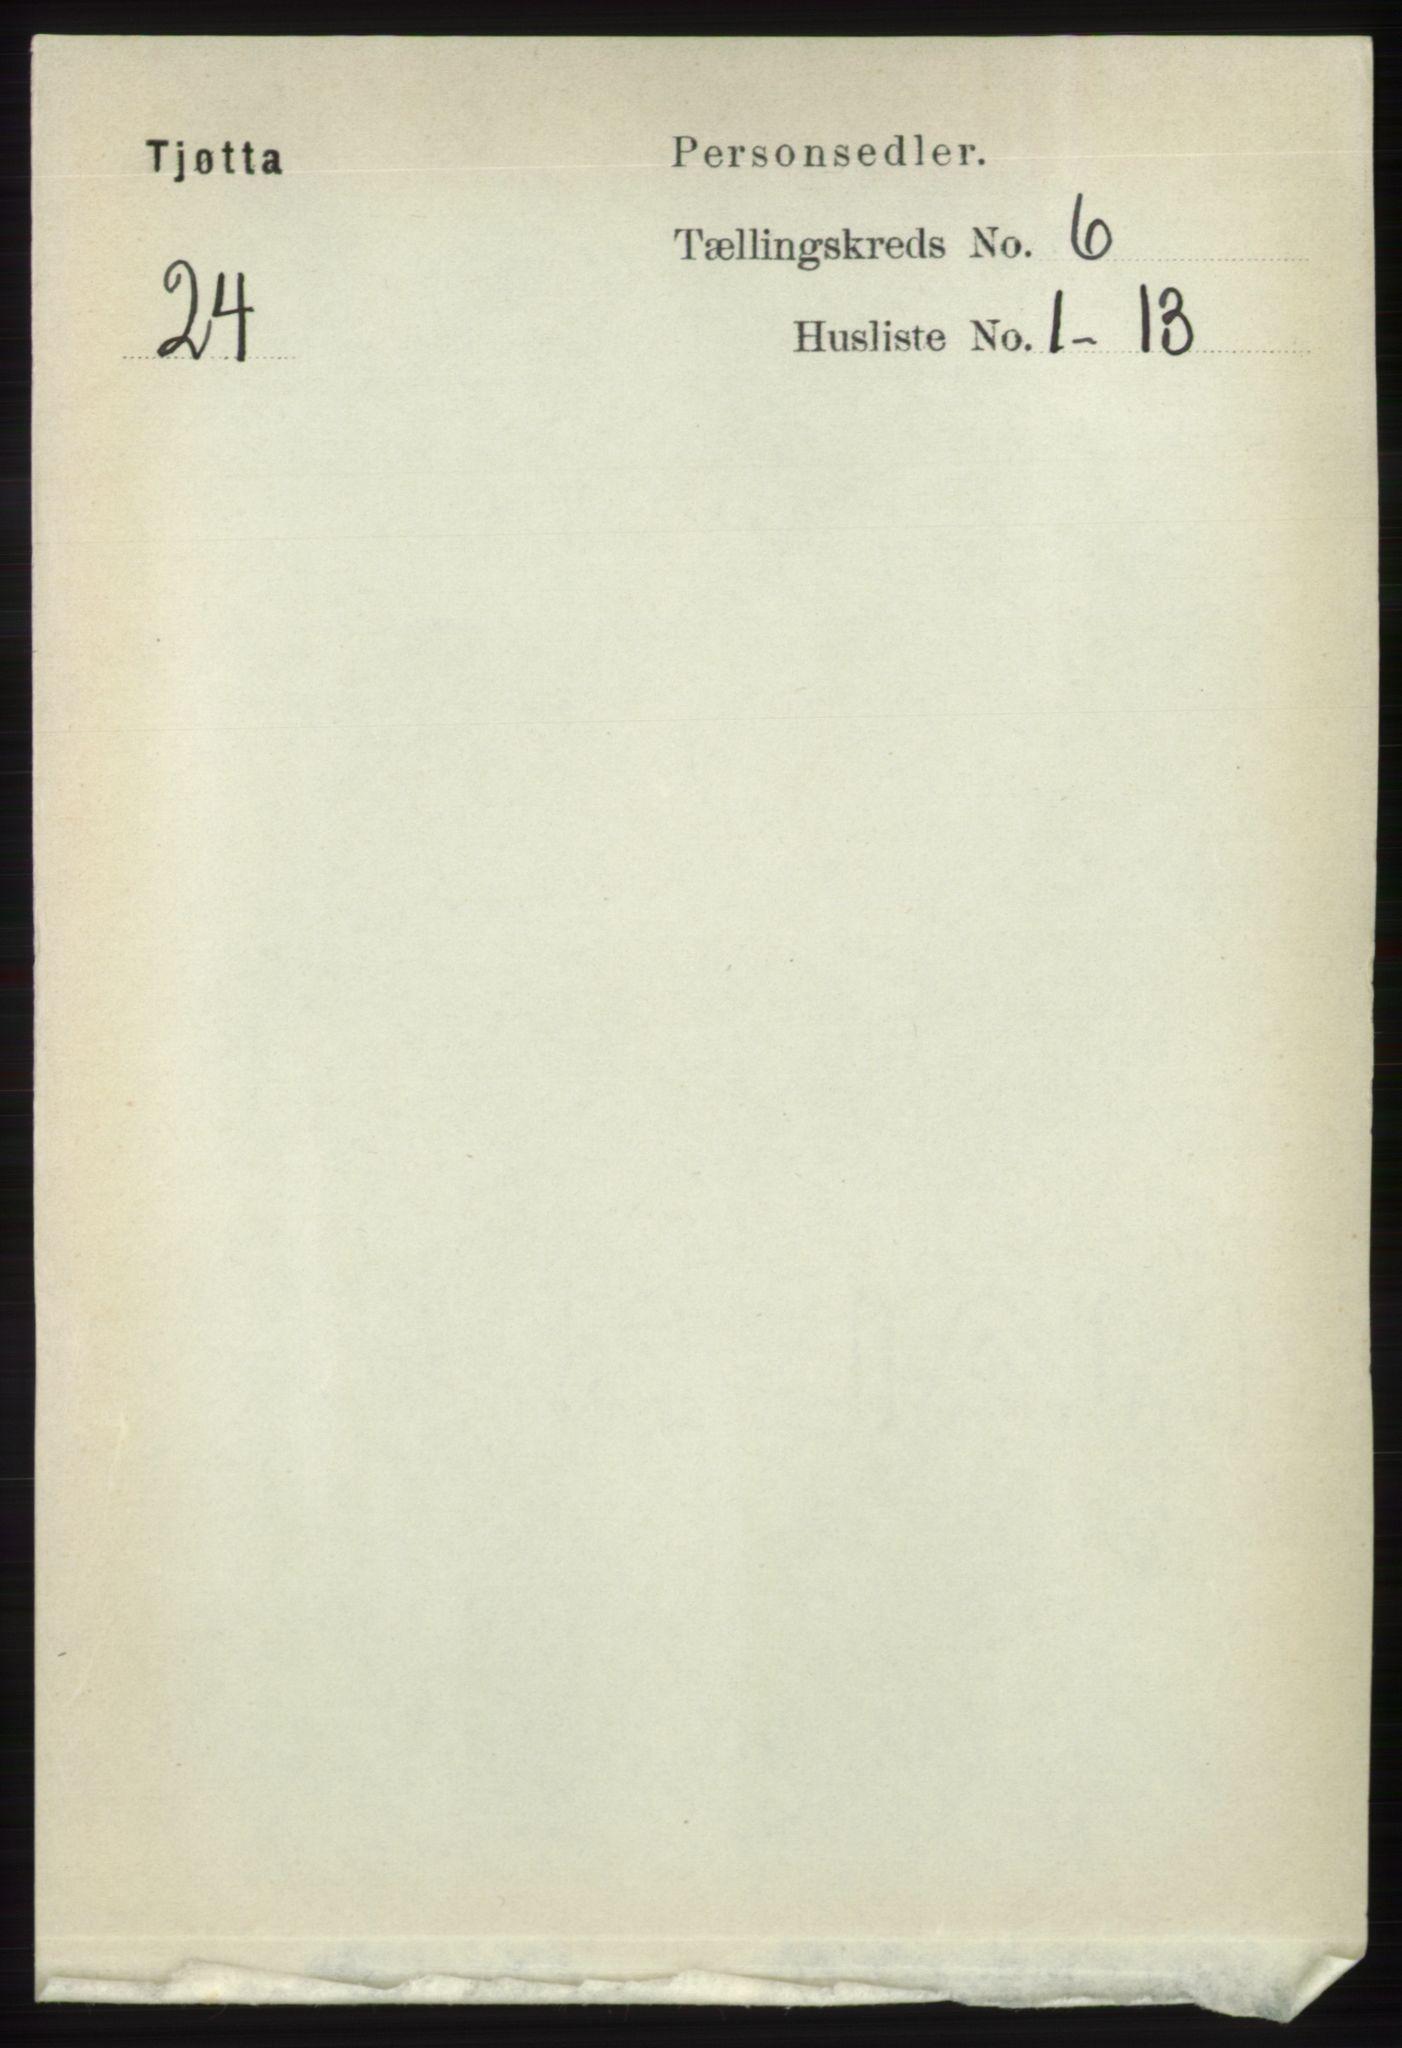 RA, Folketelling 1891 for 1817 Tjøtta herred, 1891, s. 2872